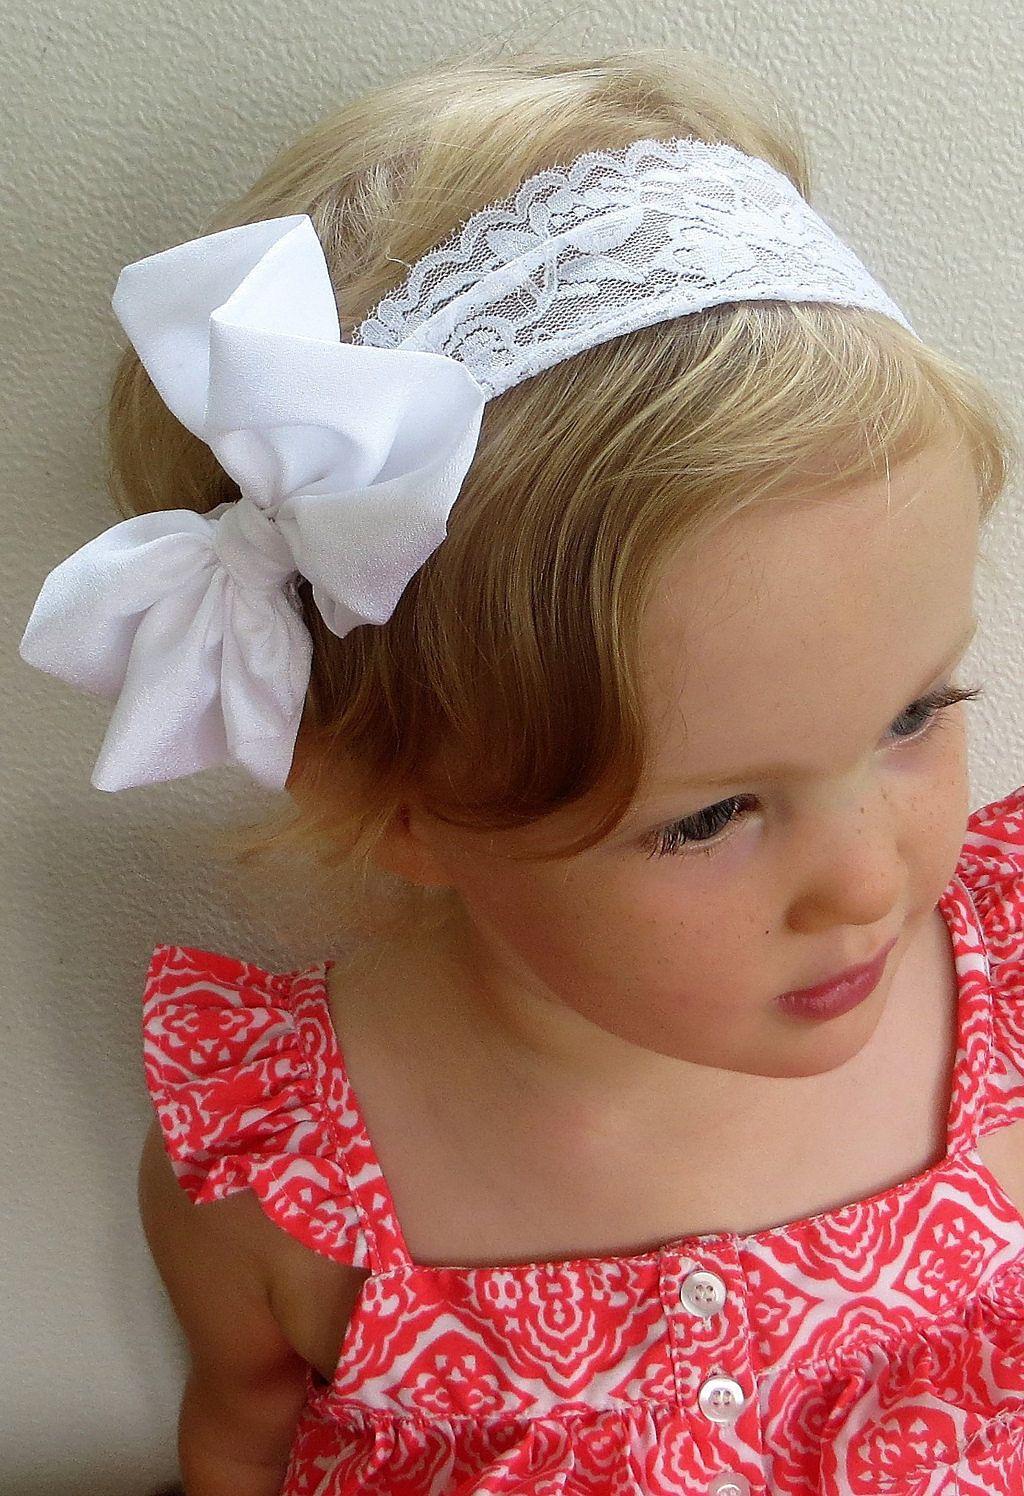 Fulltime Baby Girl Big Bow Headband Elastic Solid Color Cotton Headwrap Head Wrap Photo Prop